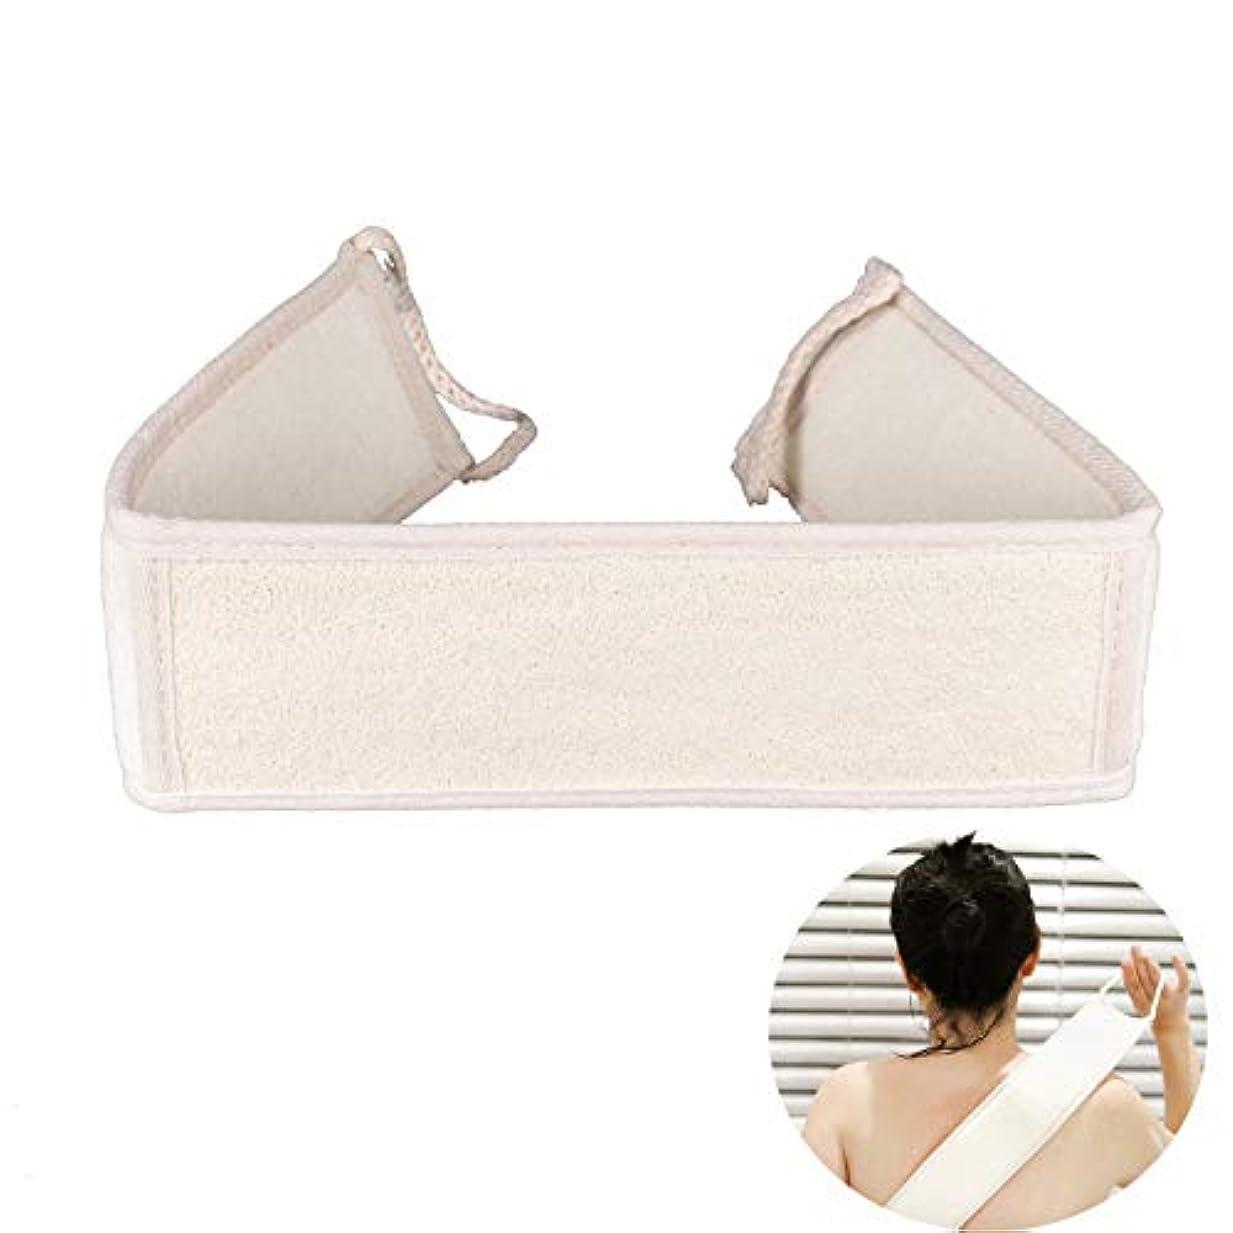 アーサー追跡ドックボディブラシ ロング 背中洗い ナチュラルエクスフォリエーションルーファバックシャワースクラバー、ディープクリーン&エクスフォリエーション、肌の爽快感、健康と美容に良い